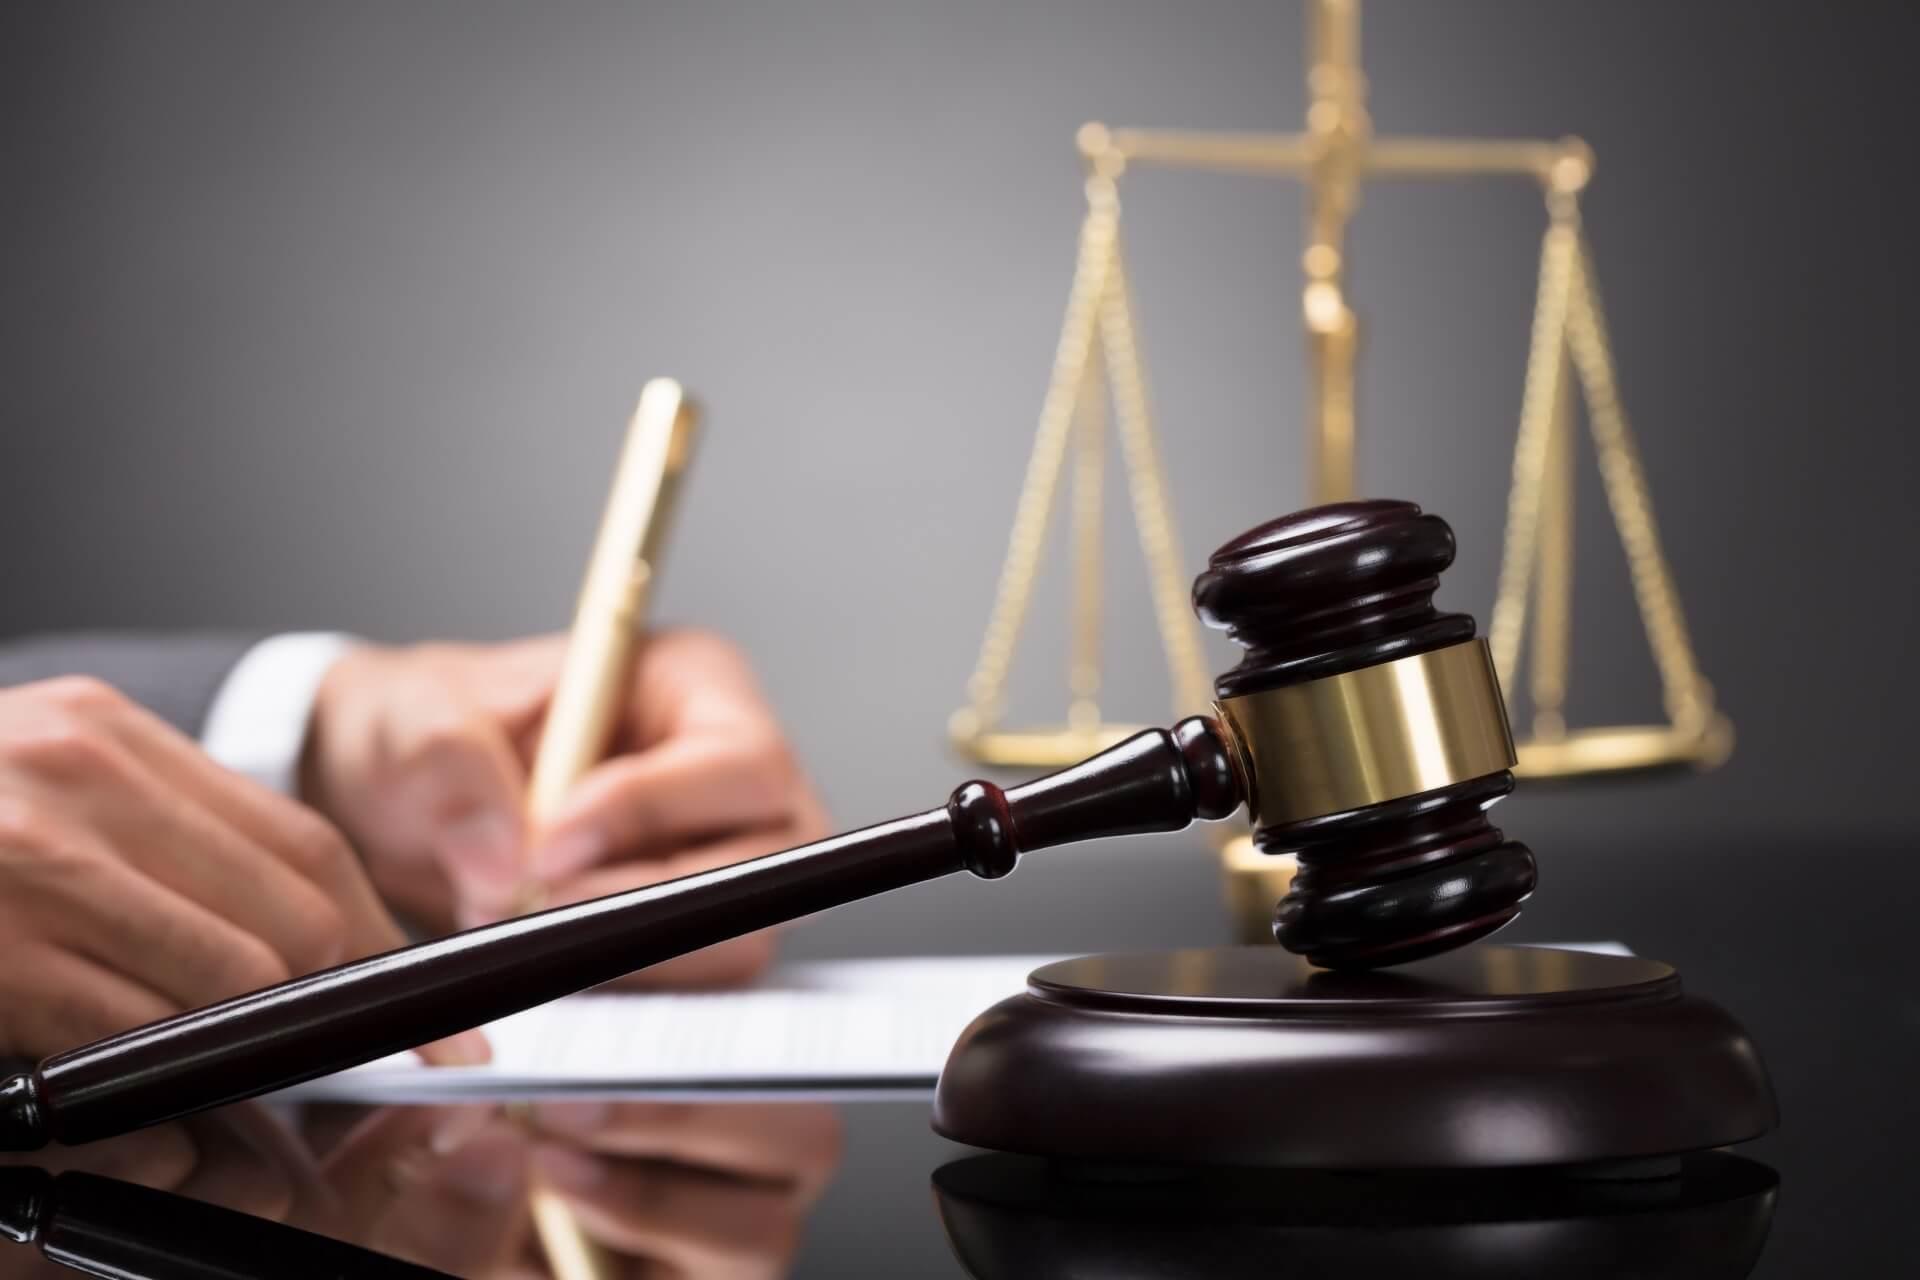 охоронно-юридична фірма Гепард - виконання судових рішень